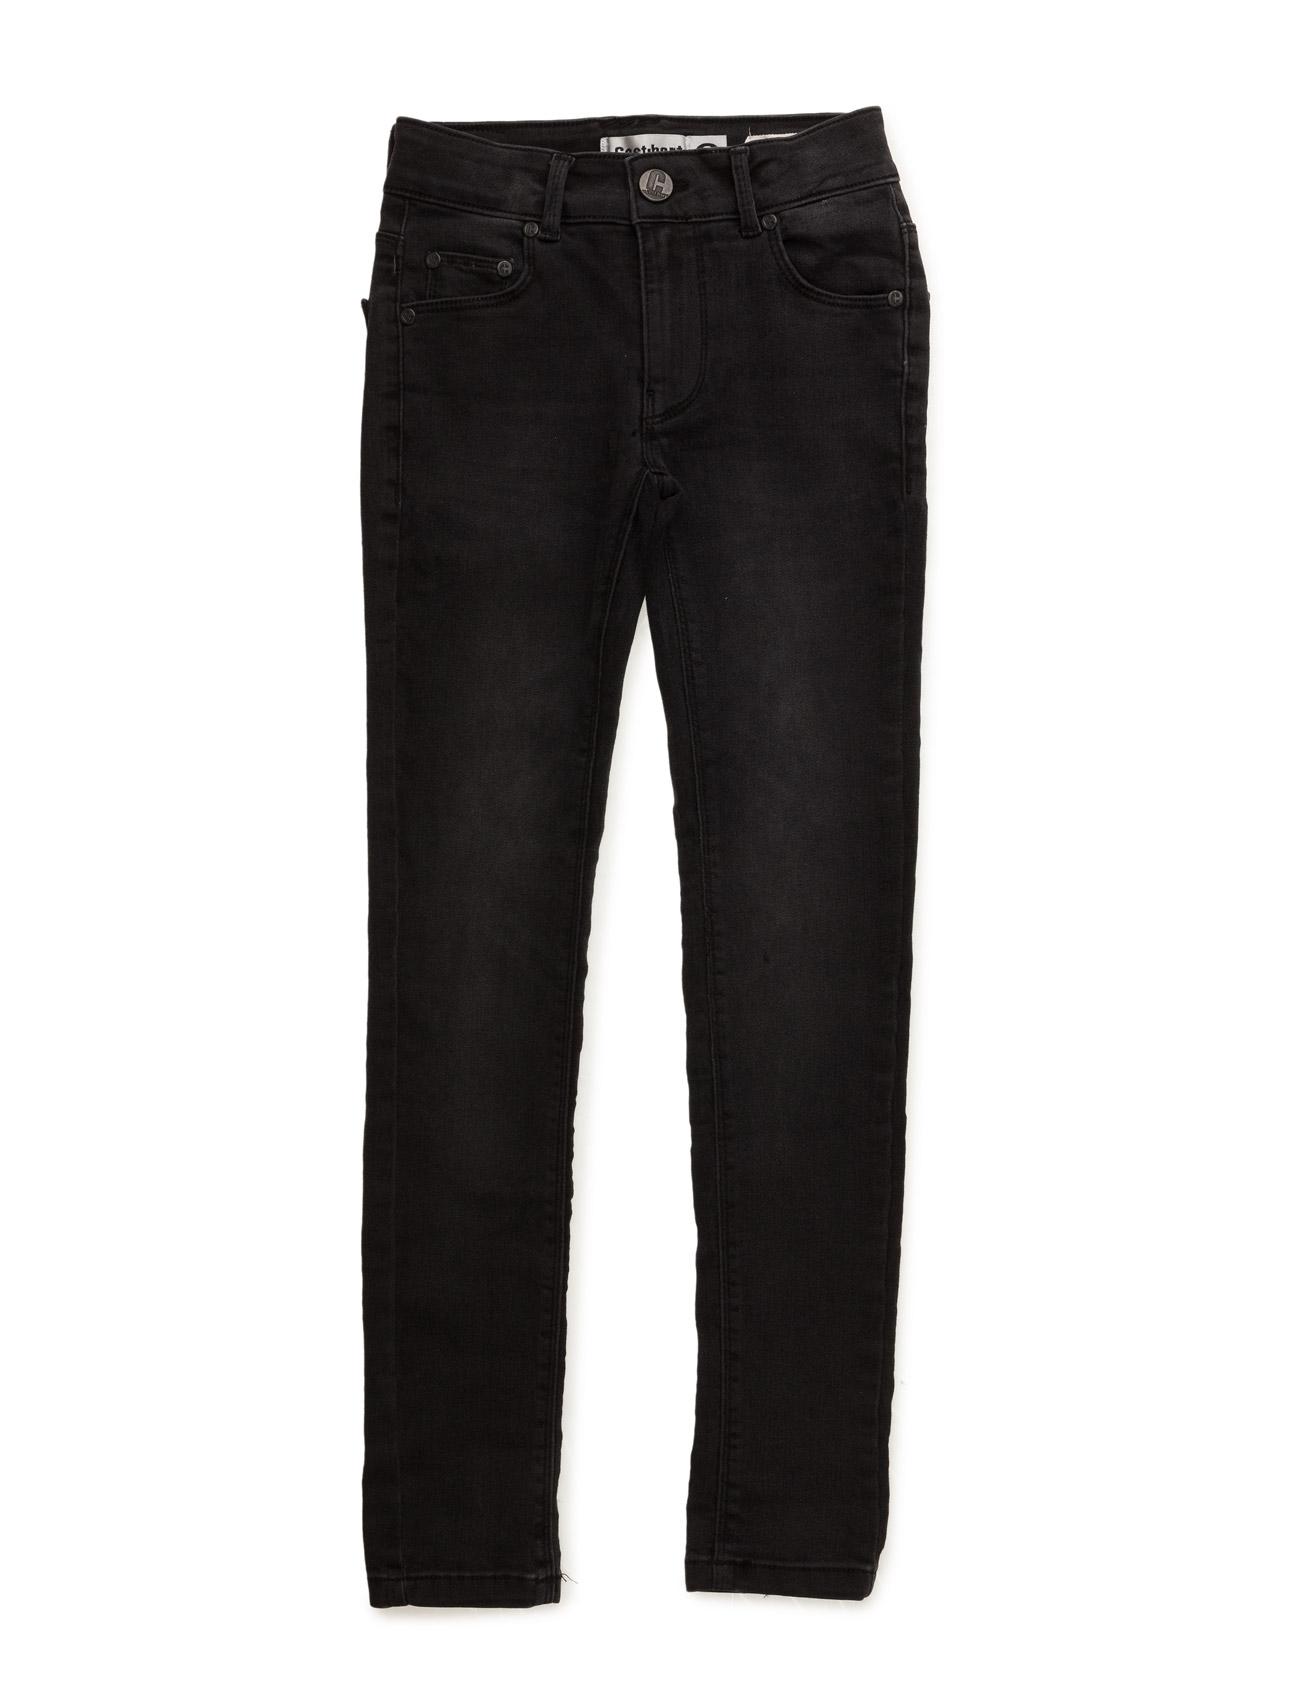 Bowie Jeans CostBart Jeans til Piger i